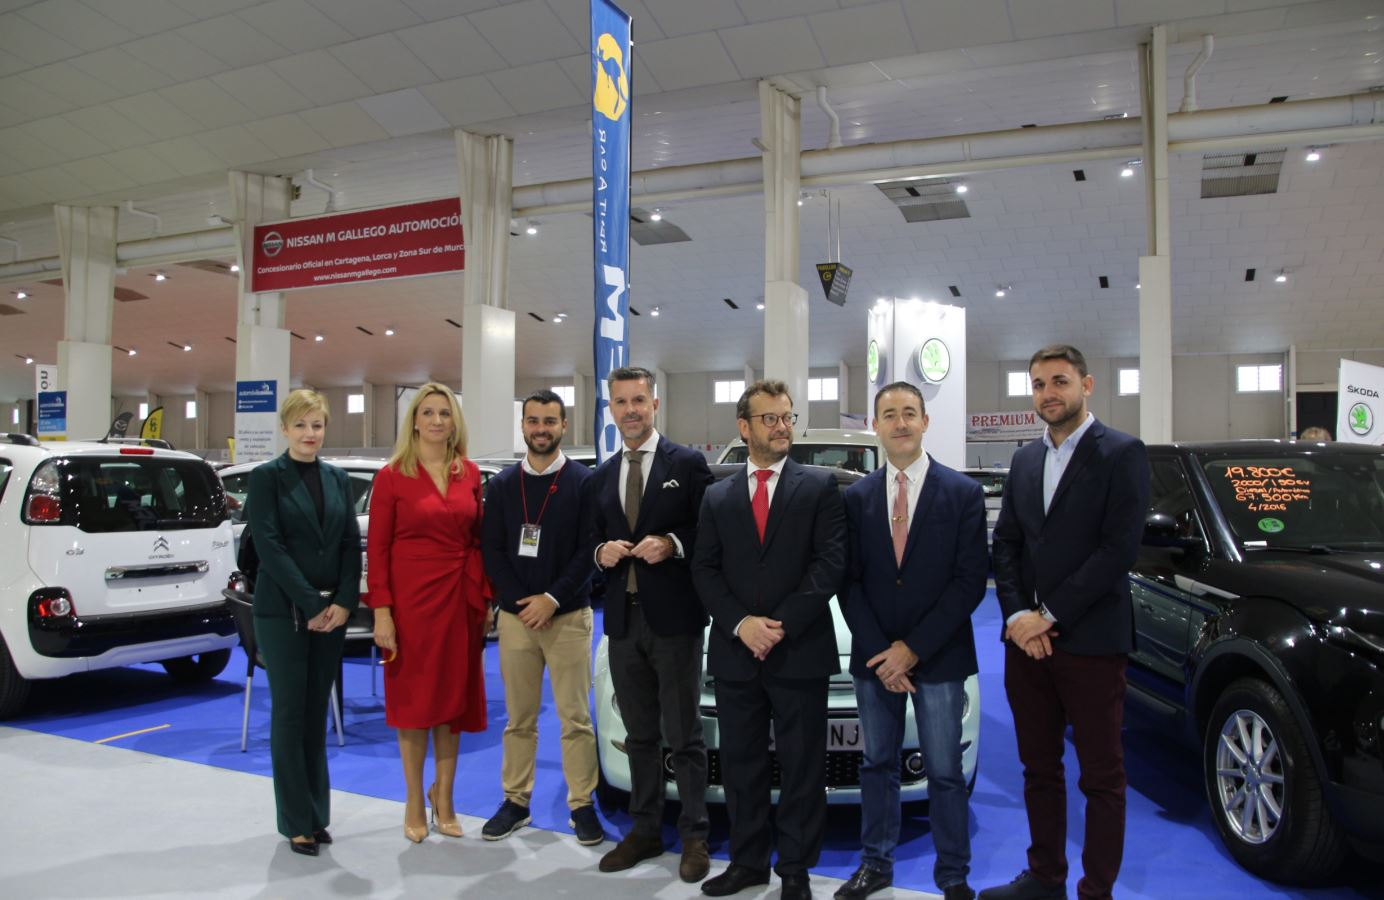 XXXV Salón de Automoción e industrias afines